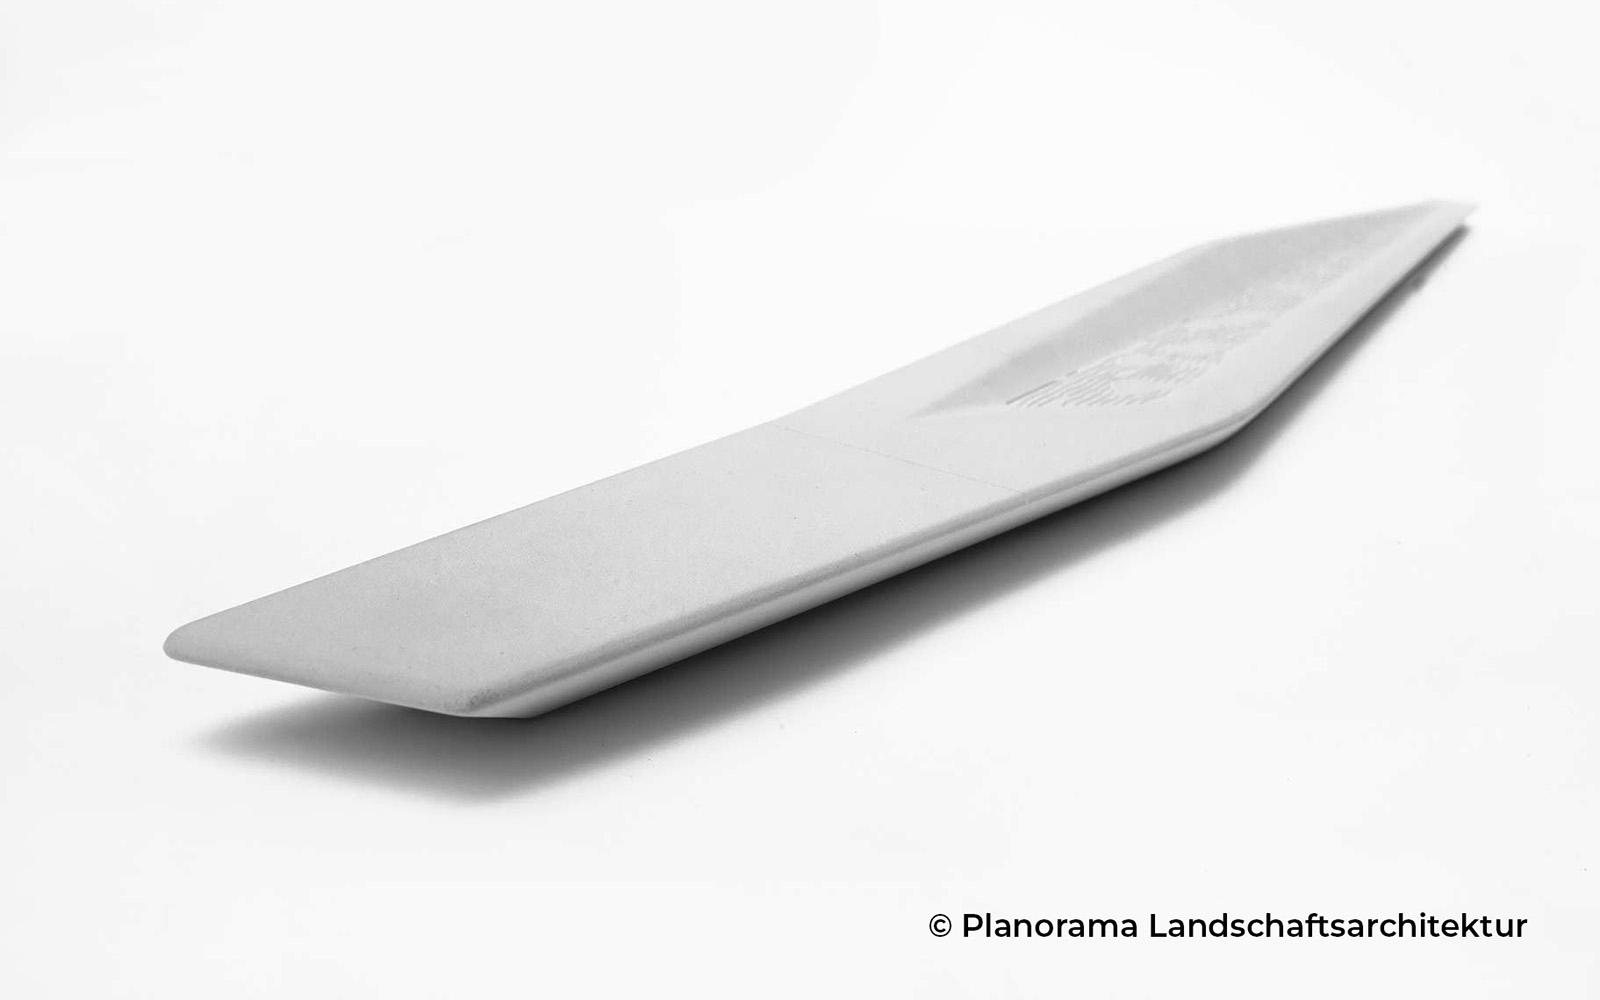 Entwurf des Brunnenbandes für die Landesgartenschau in Eppingen